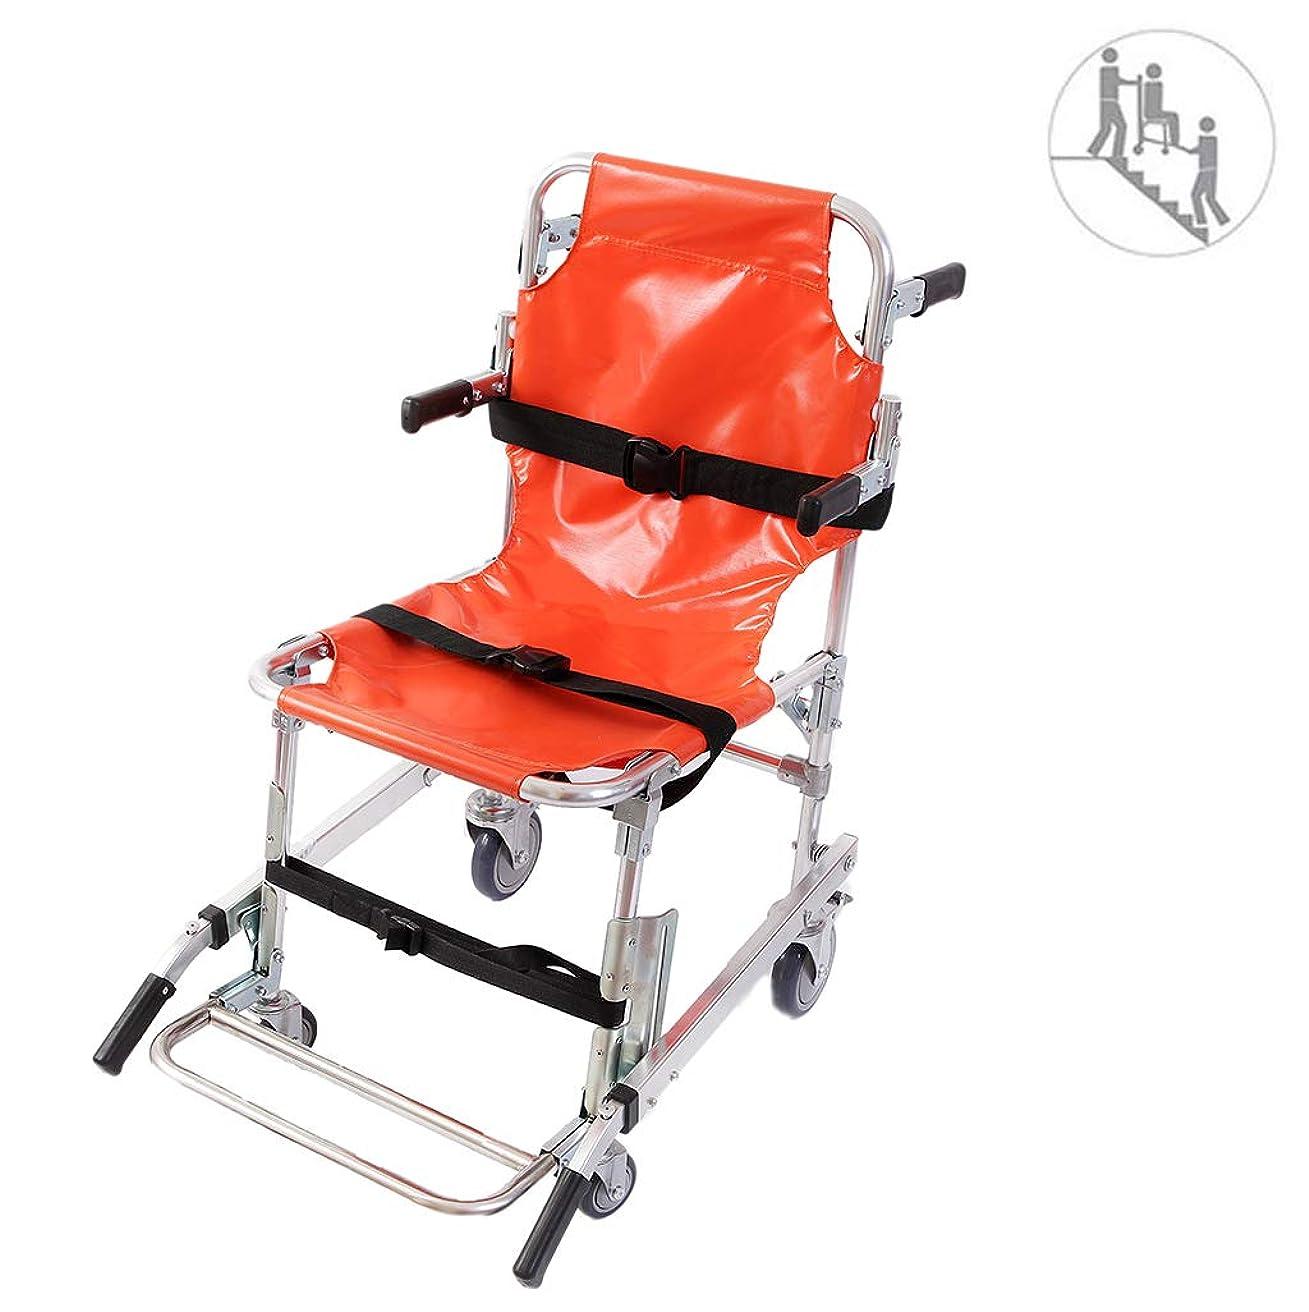 セクタダイヤル一時的EMS階段椅子4つの車輪で、救急車避難医療輸送椅子患者拘束ストラップ付き350ポンドの容量